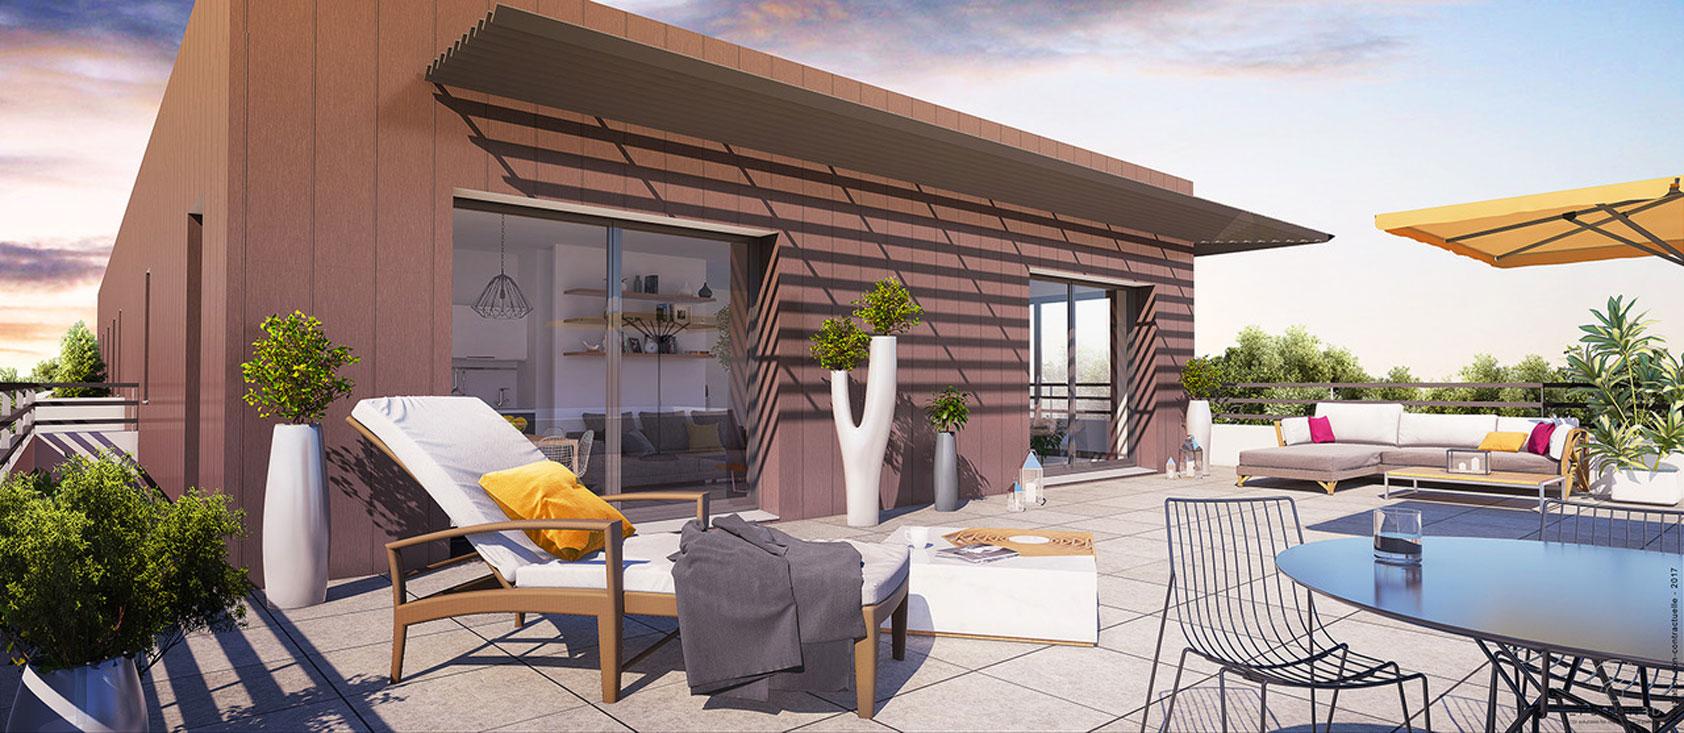 Les terrasses de la baronnerie programme neuf verri res for Terrasses en vue immobilier